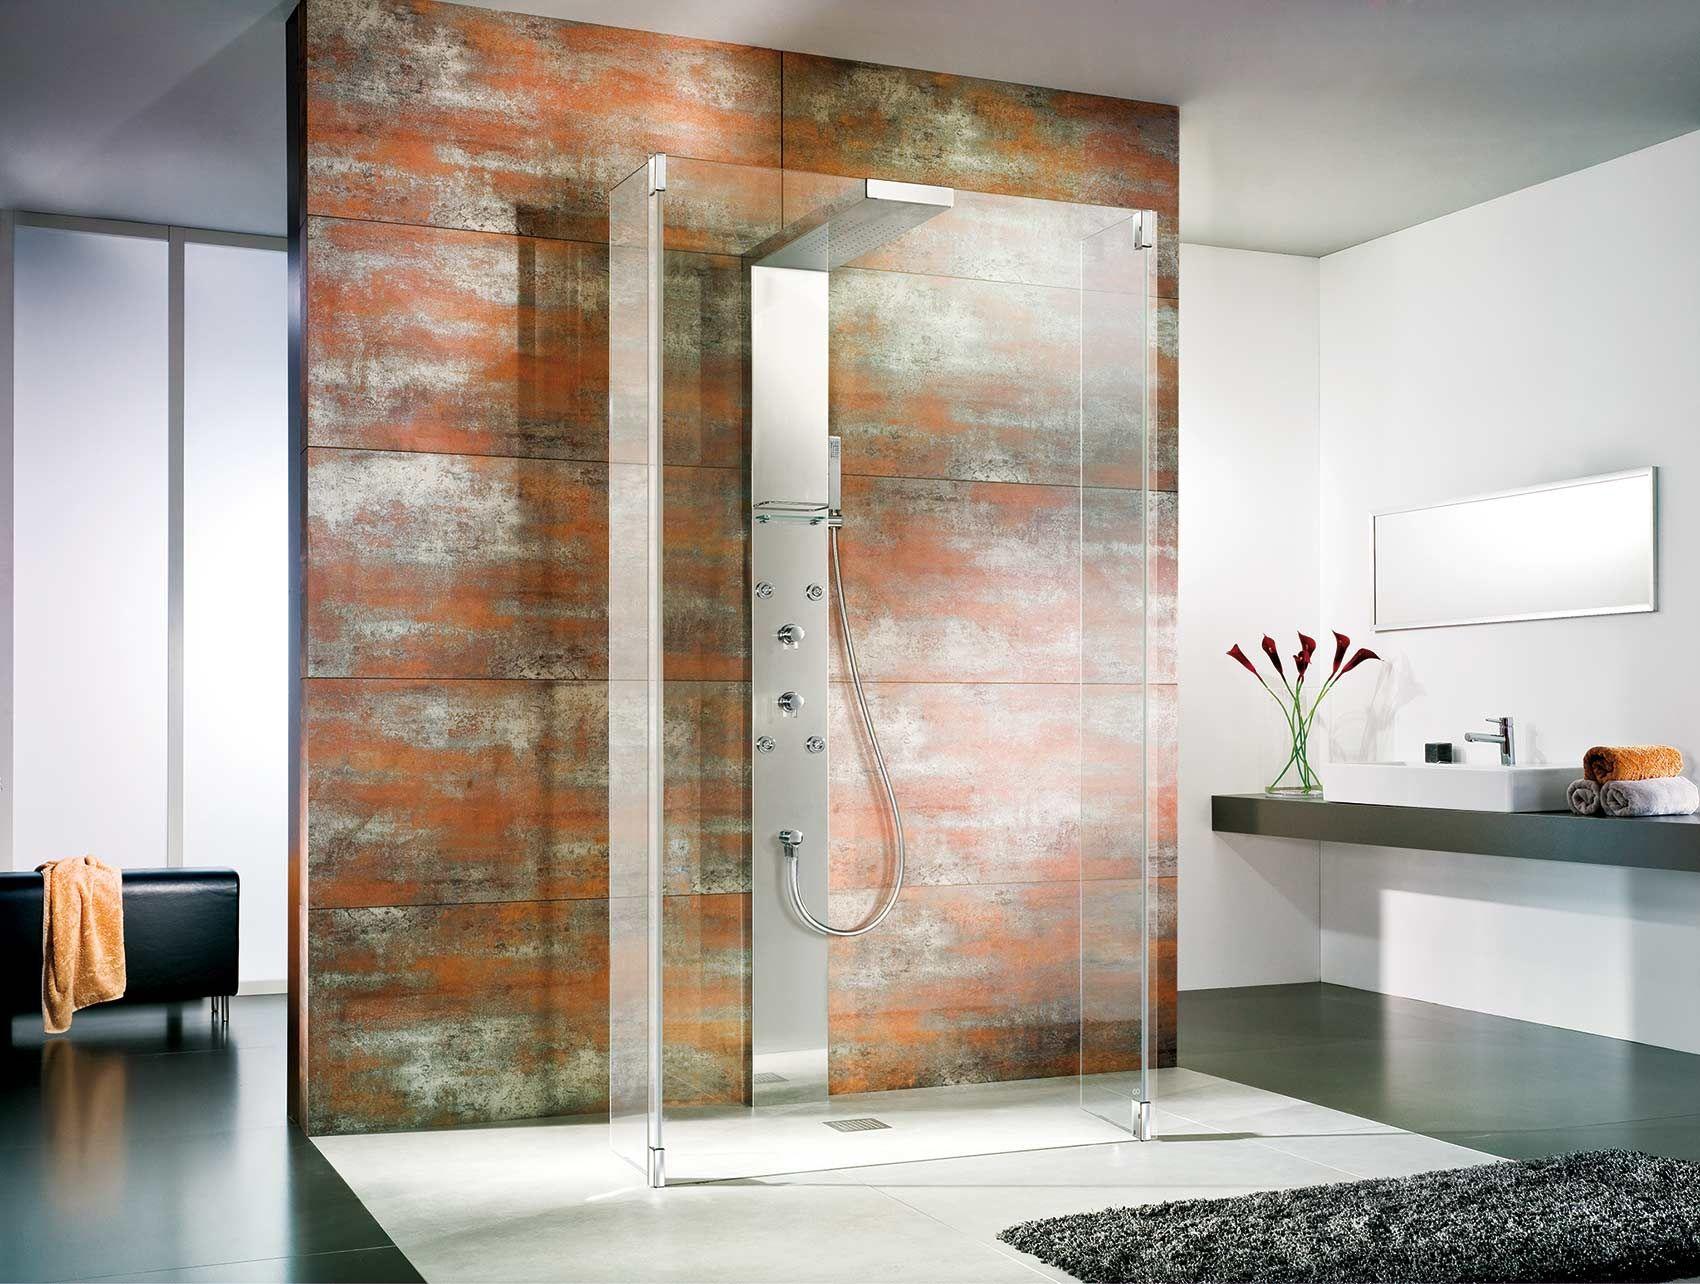 Duschkabine Glas: HSK kreiert edle Duschen aus Echtglas